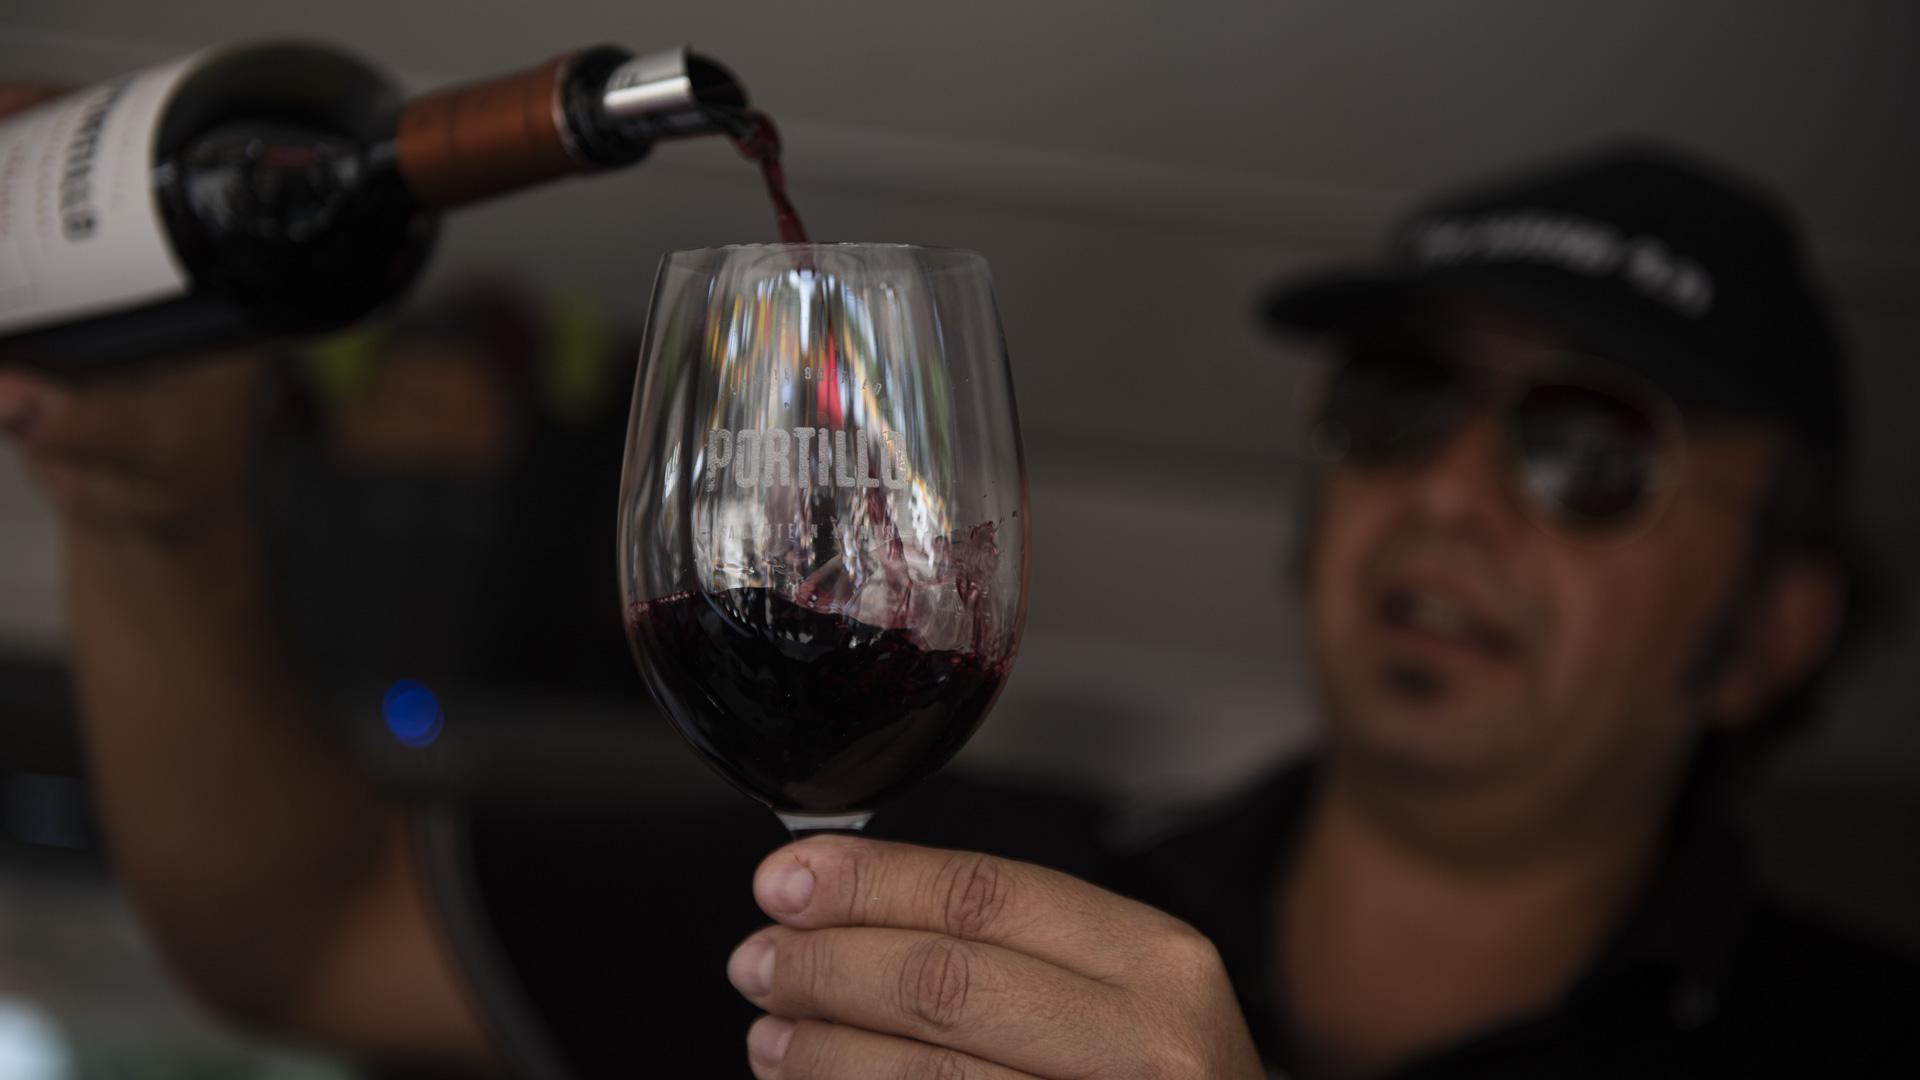 Para los amantes de los vinos, también hay food truck para acompañar los platos de comida. Hay opción de vino blanco, vino tinto y vino rosé, todo esto en el stand de Portillo que te lo sirven en una copa grande